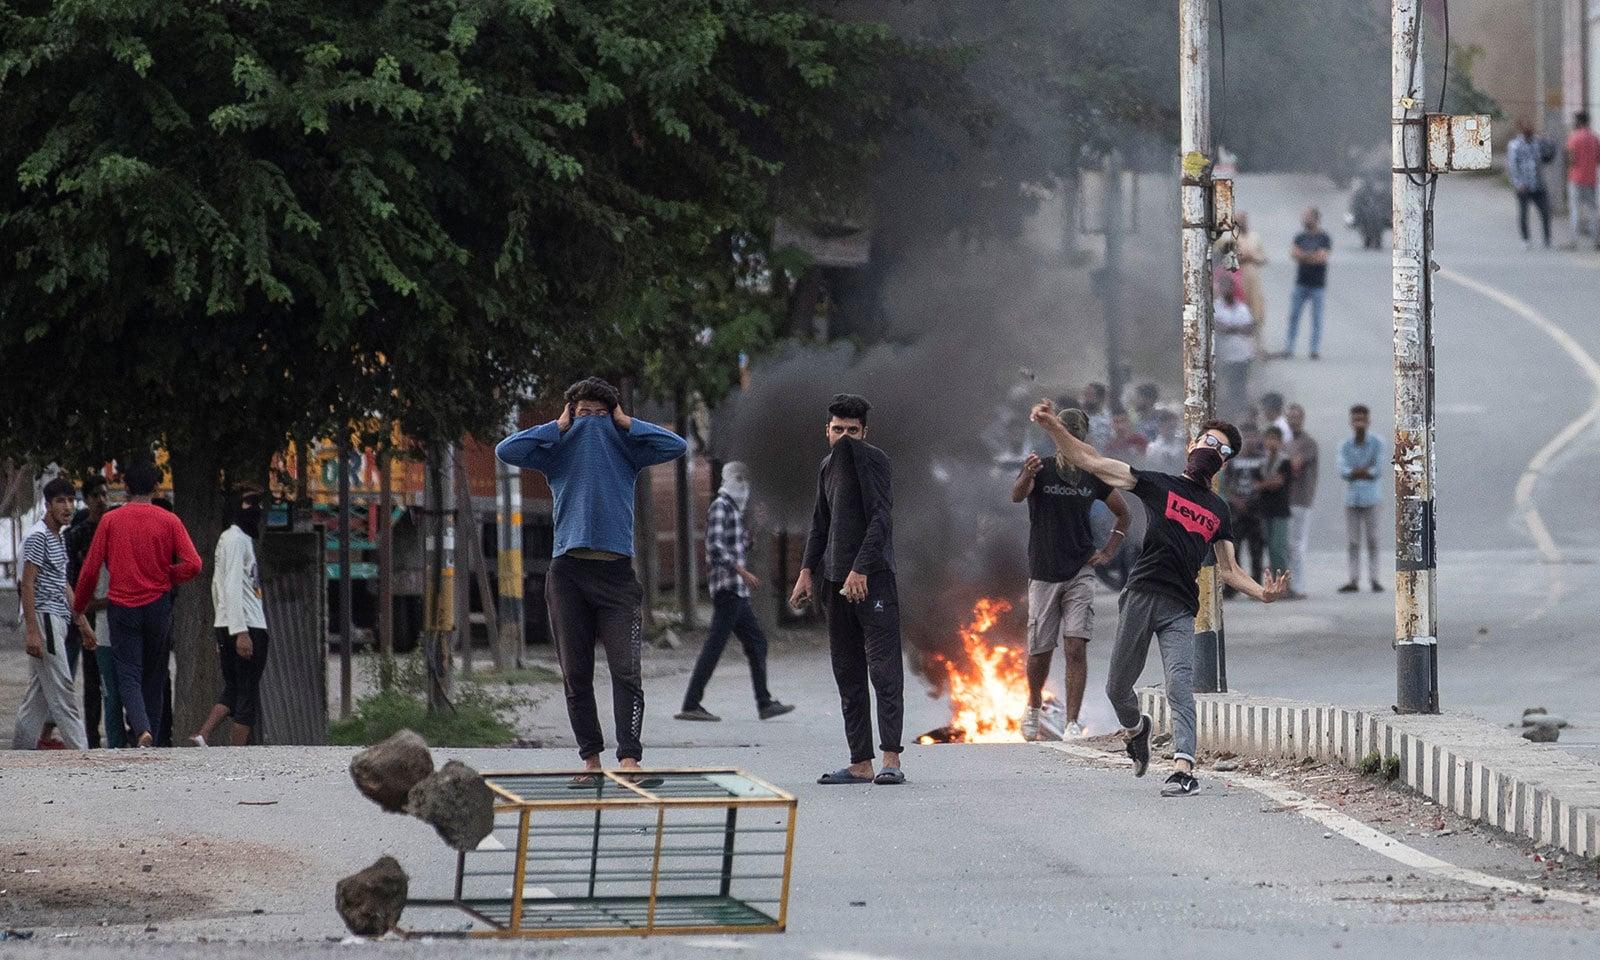 احتجاج کے دوران کشمیری نوجوانوں نے ٹائر نذر آتش کیے—فوٹو:رائٹرز